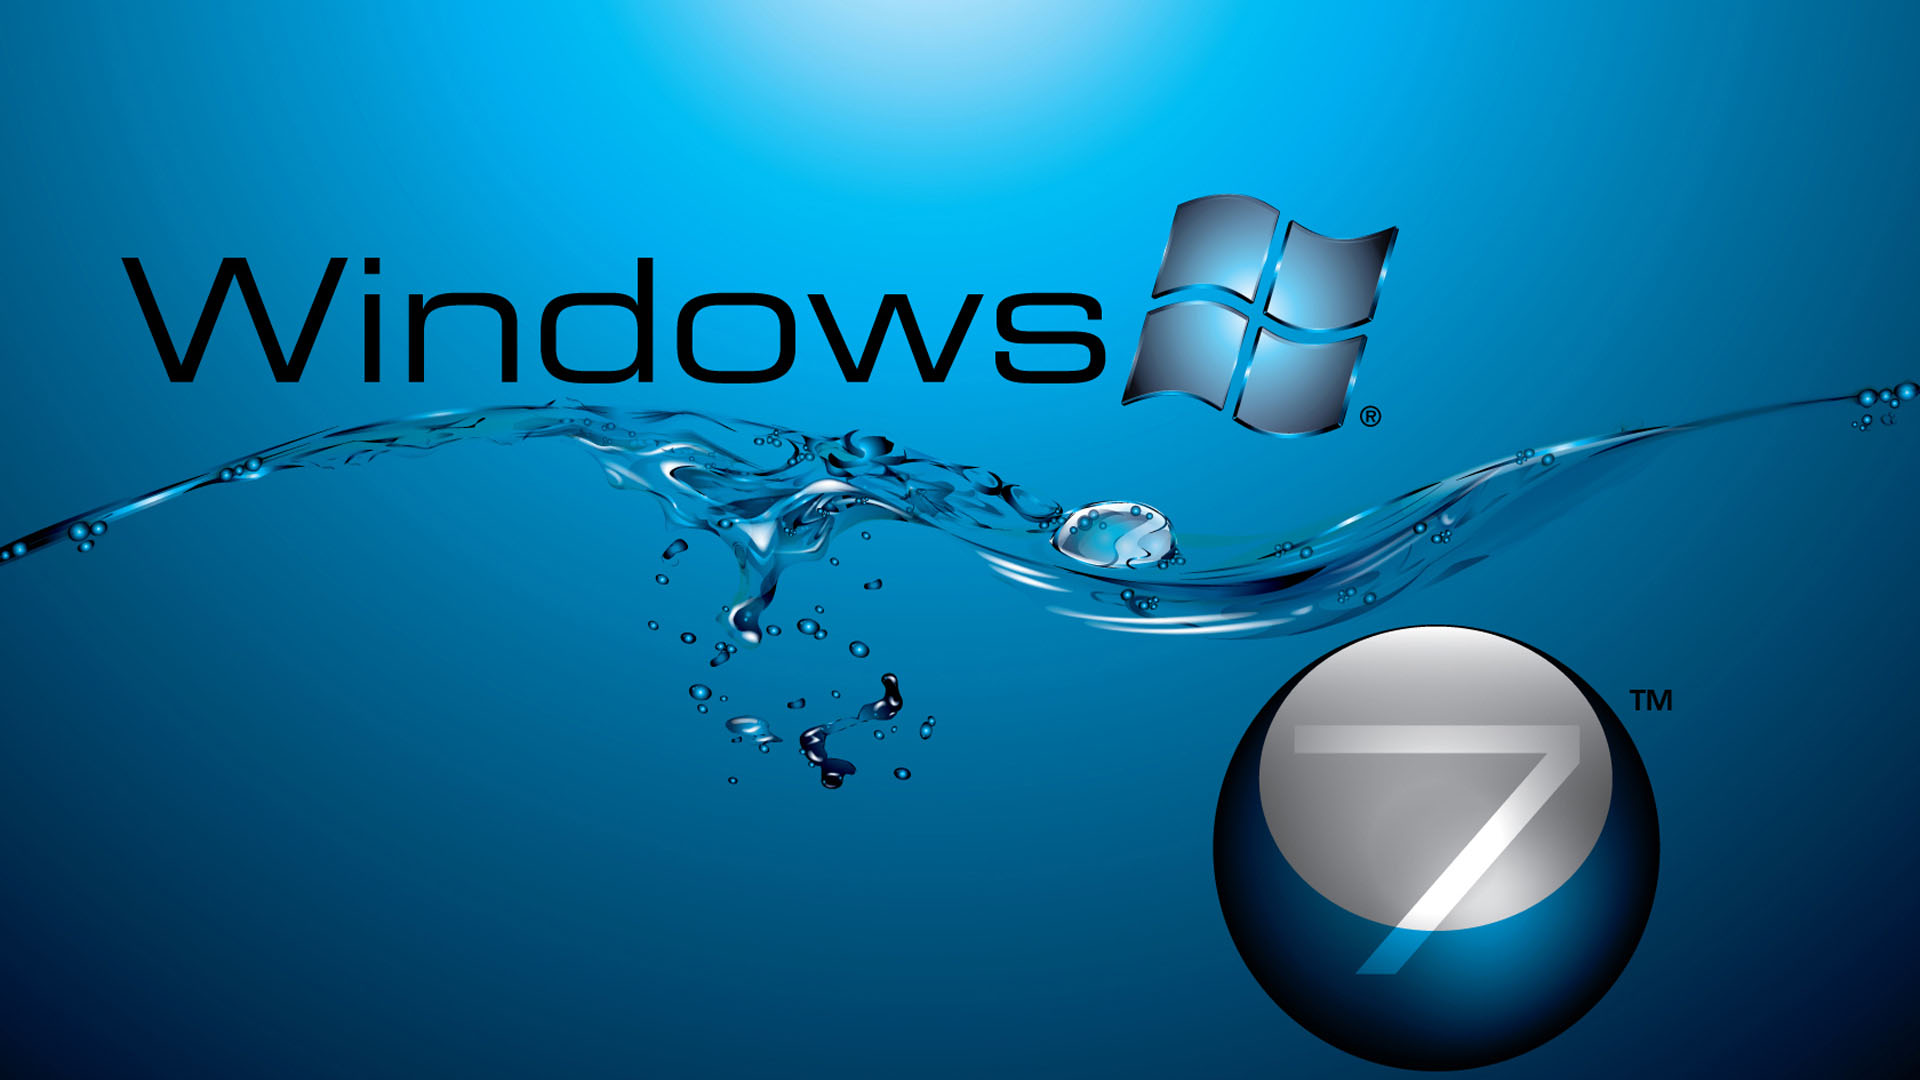 HD Wallpapers for Windows 7   PixelsTalk Net